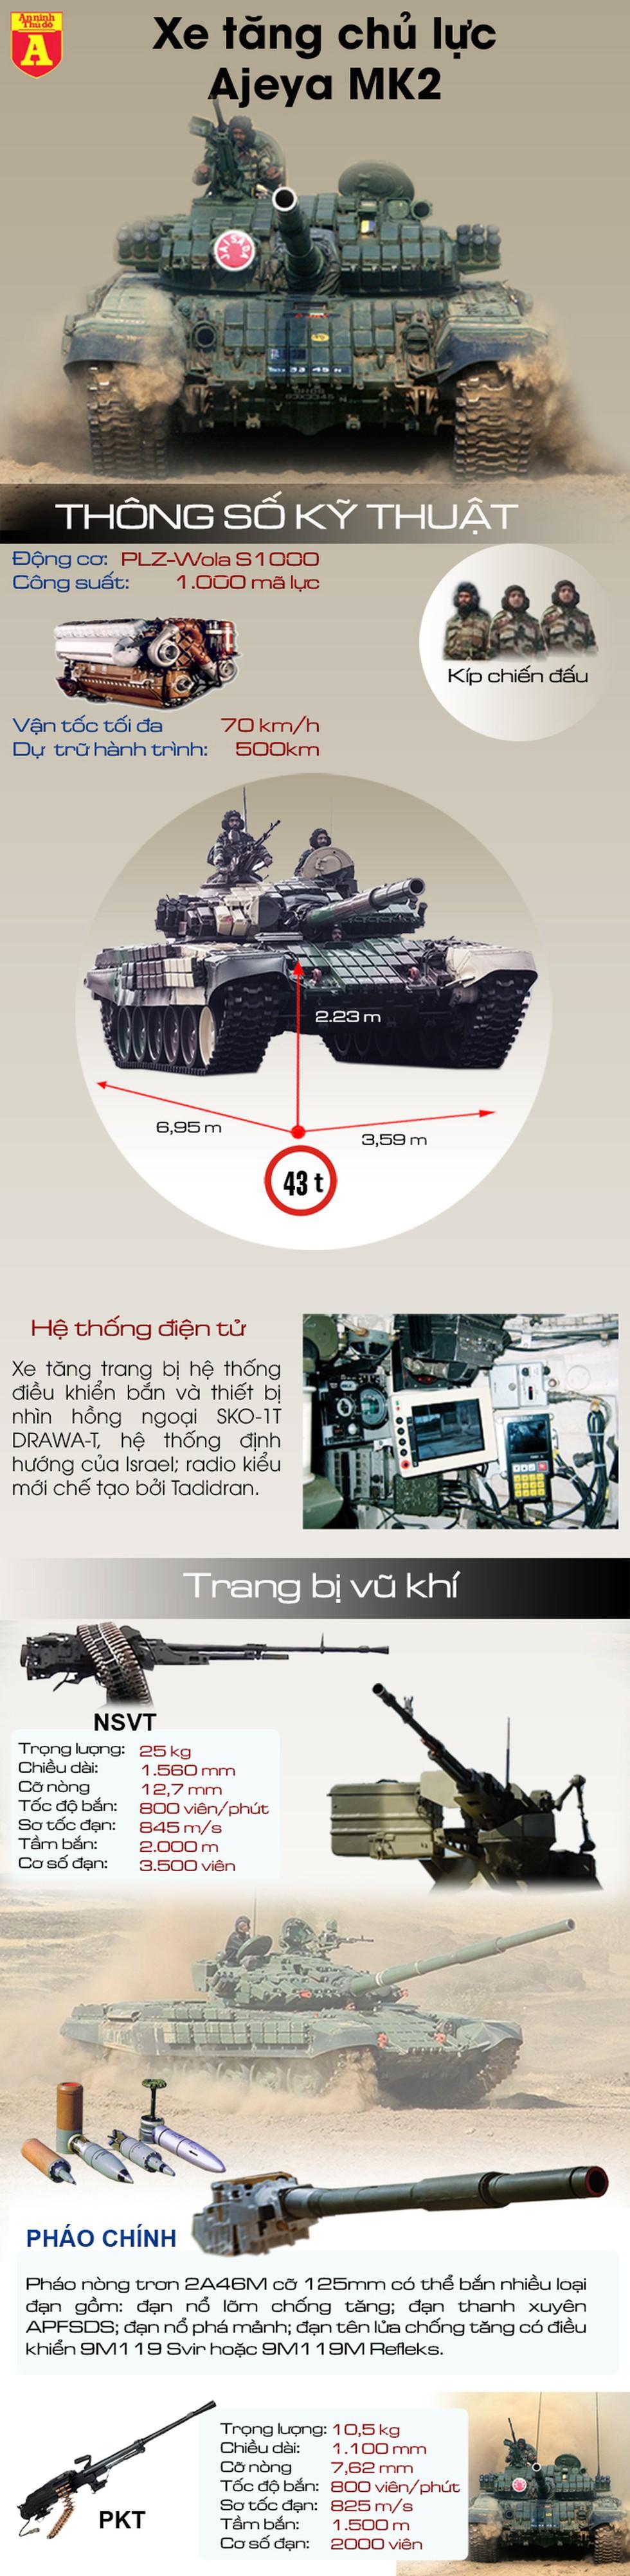 [Infographics] Ấn Độ tiếp tục điều lượng lớn xe tăng T-72 cực mạnh tới biên giới Trung Quốc - Ảnh 1